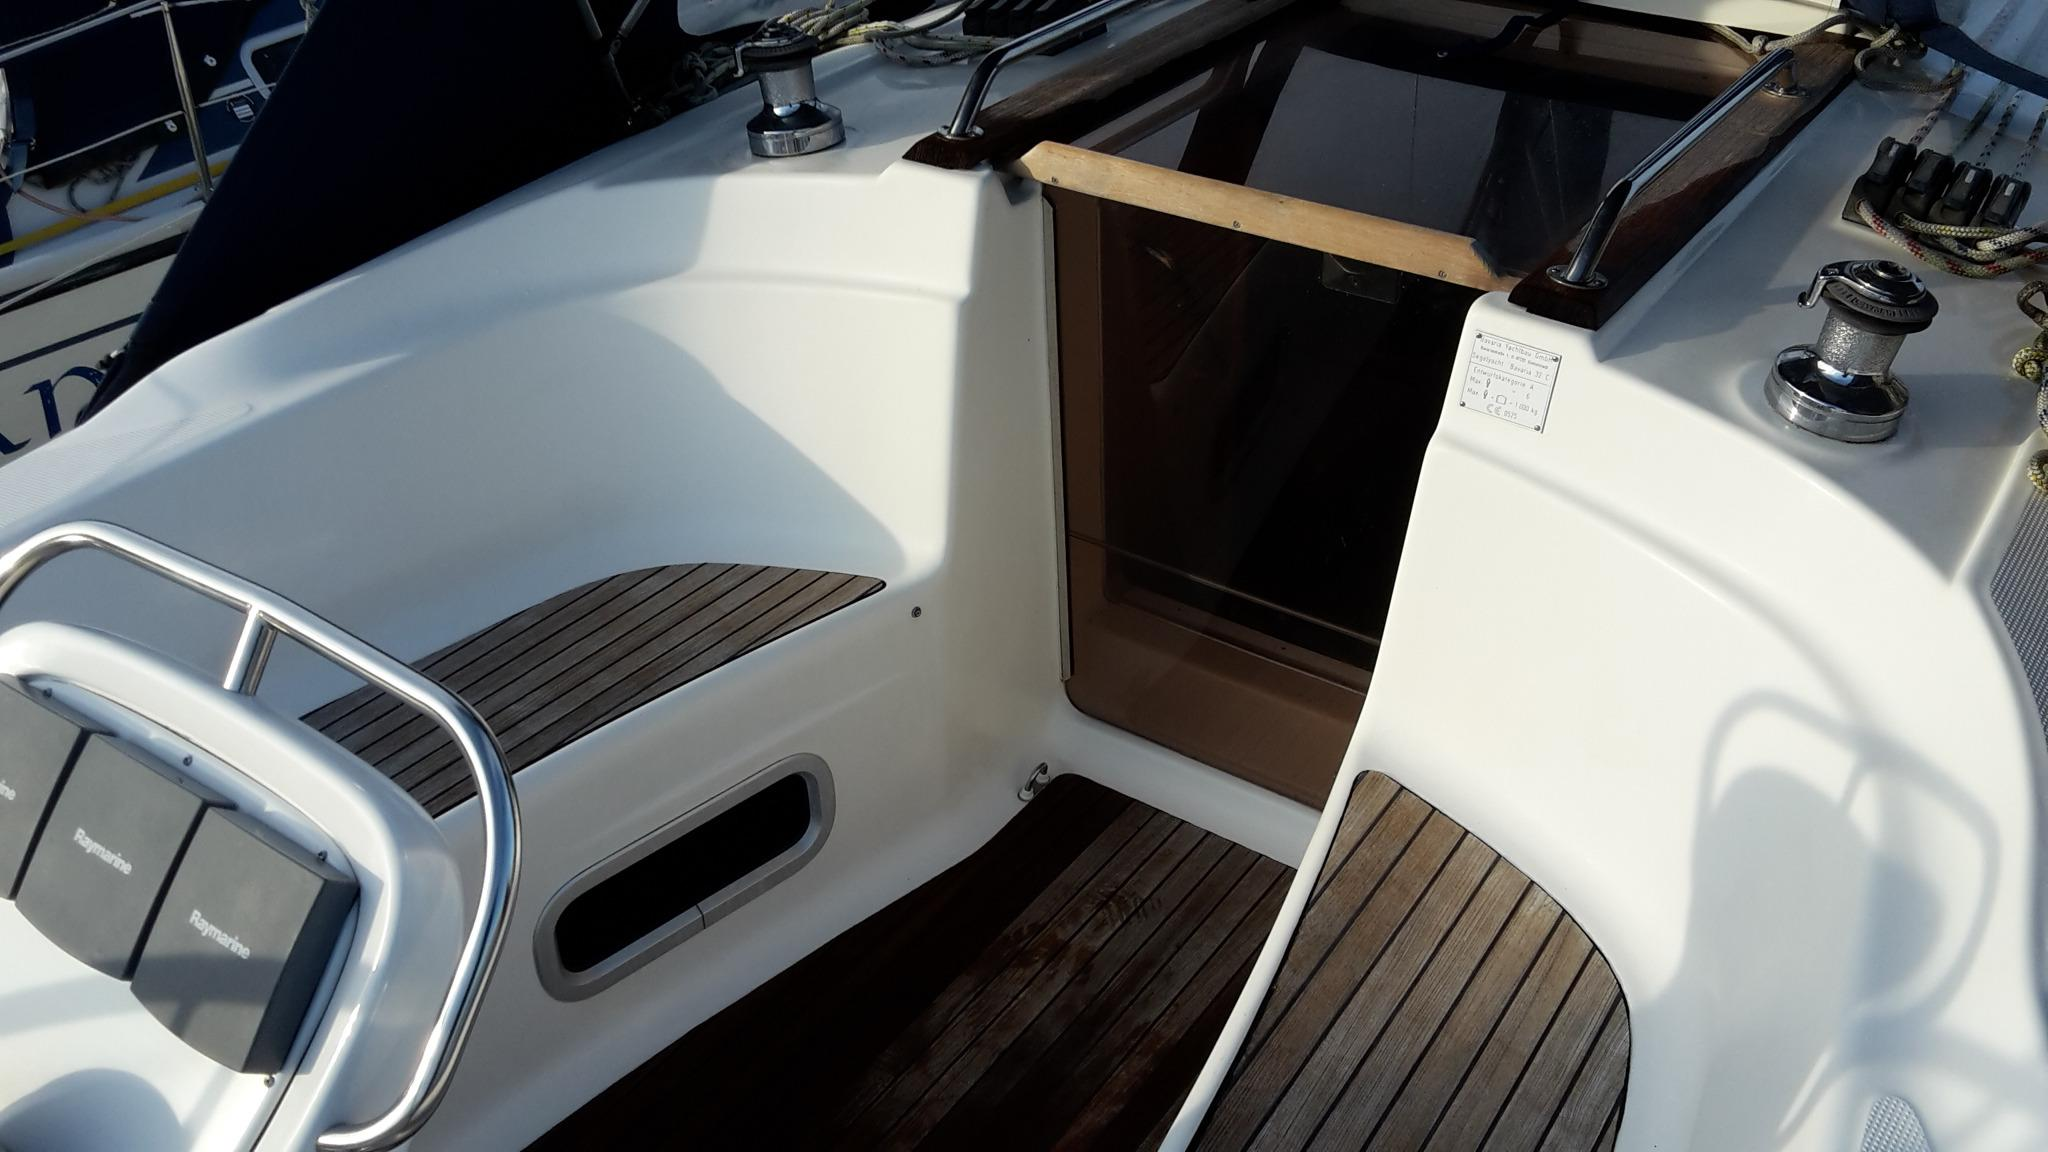 Bavaria 32 cockpit